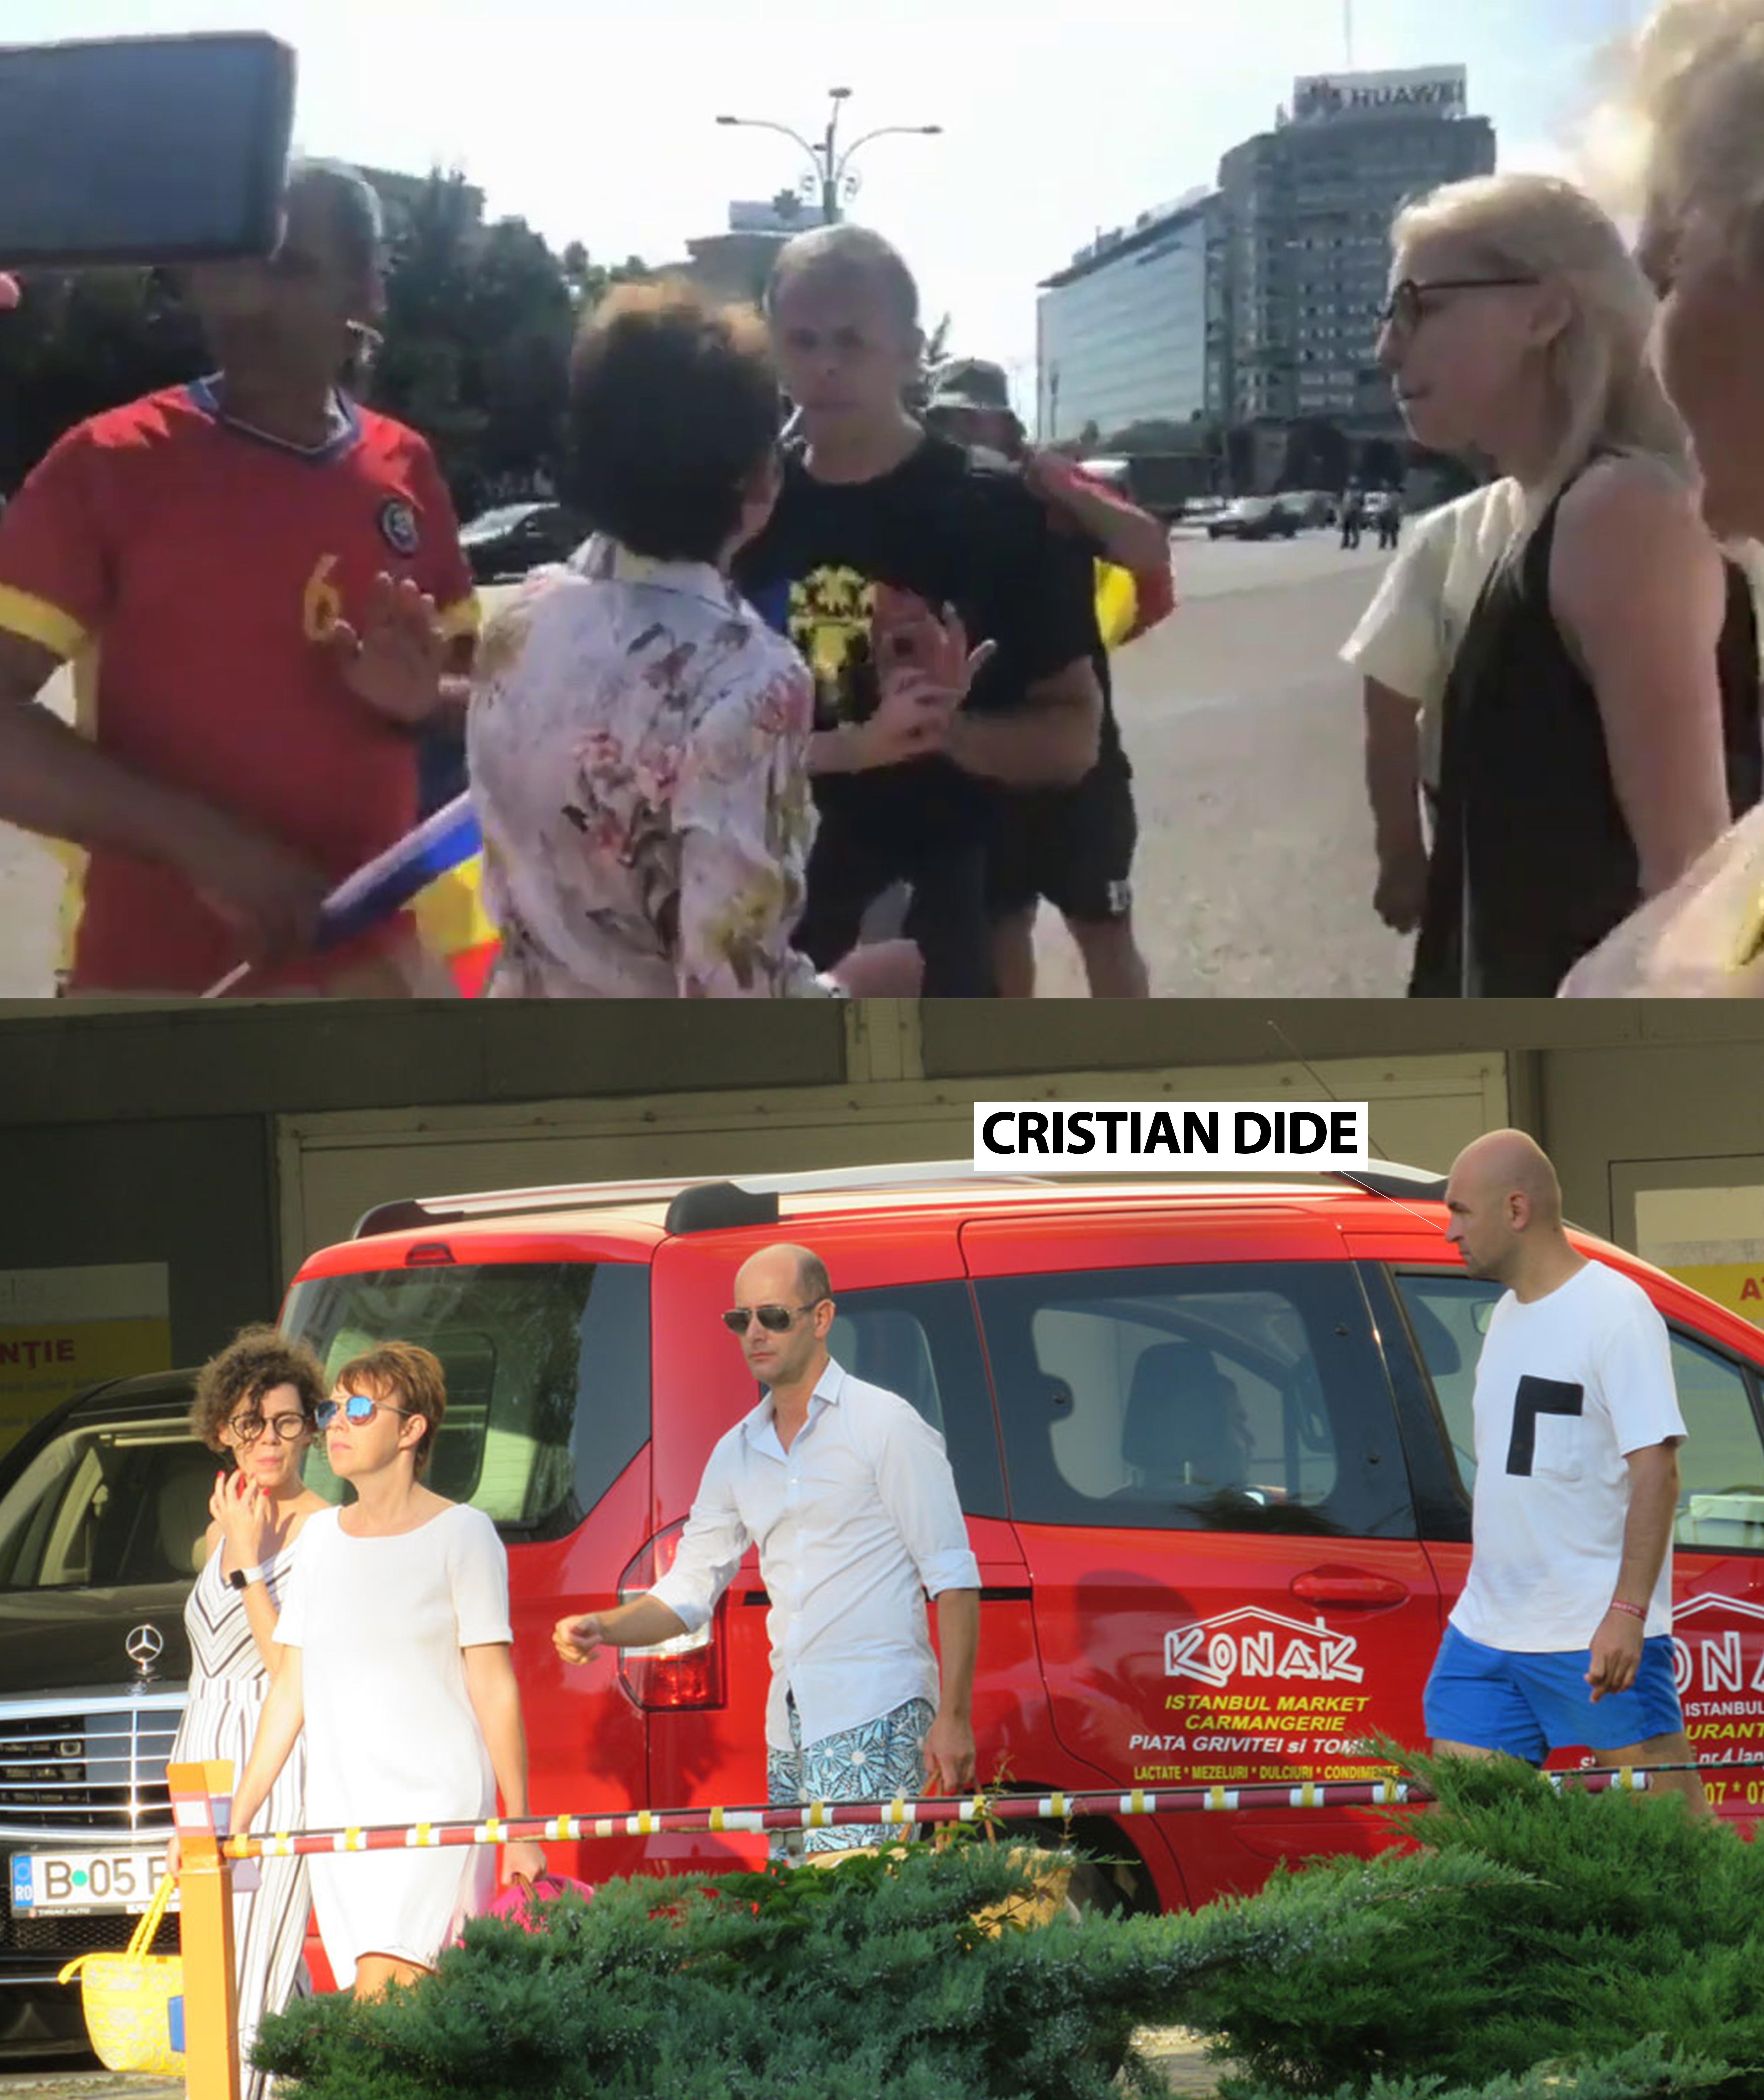 Cele două persoane care l-au însoțit pe Cristian Dide și pe partenera acestuia au intrat într-un conflict cu Călin Bot la un protest din Piața Victoriei